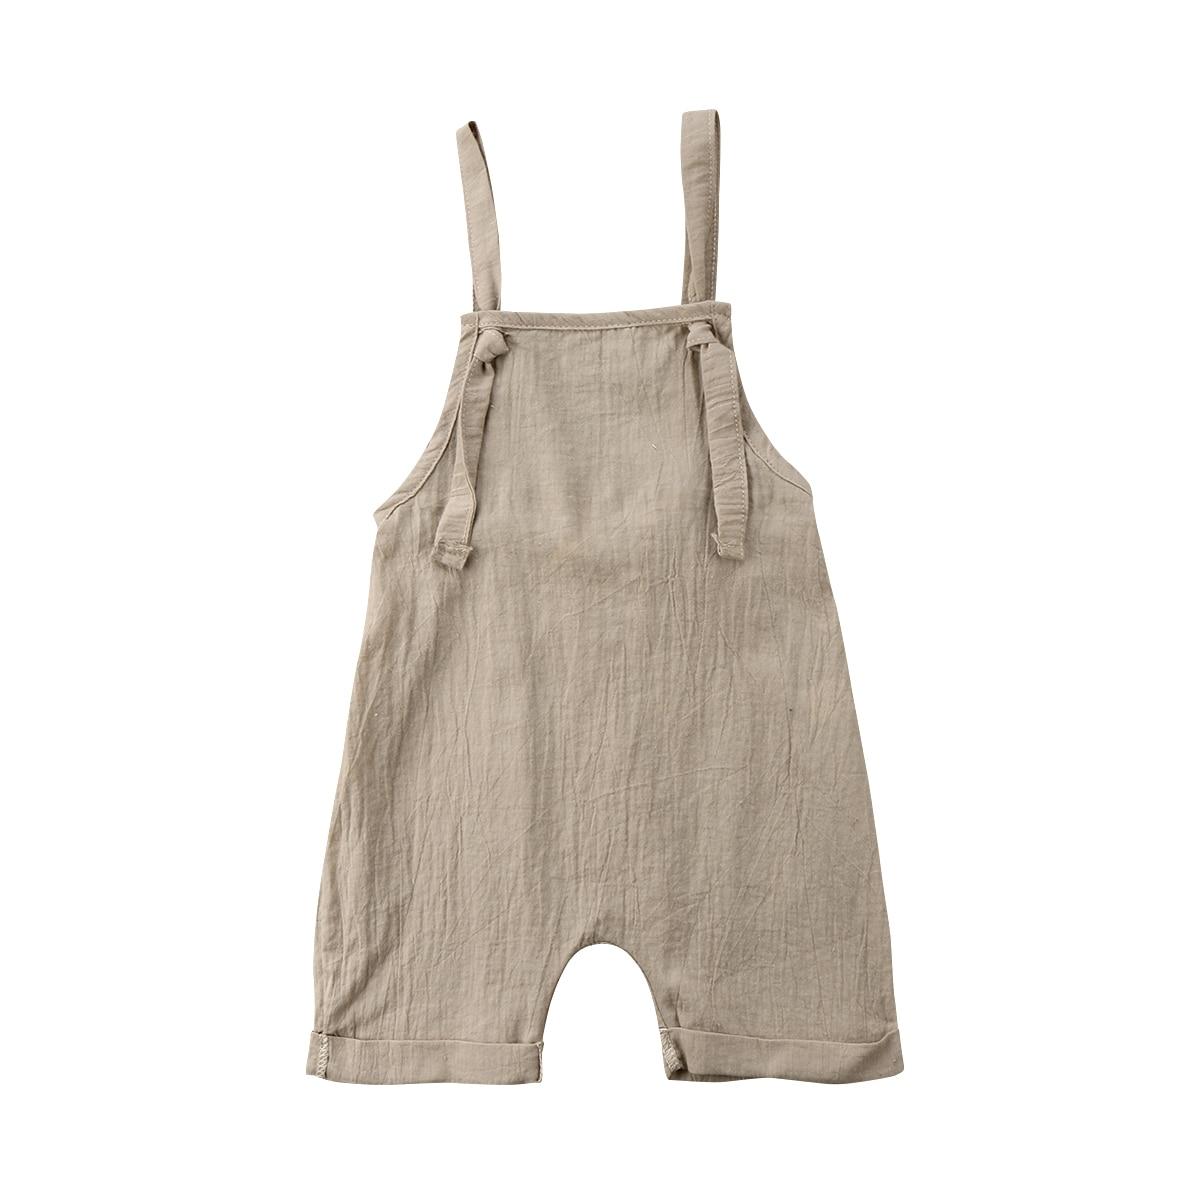 2018 Di Marca Nuovo Bambino Infantile Del Bambino Appena Nato Del Bambino Della Ragazza Del Ragazzo Tute Pantaloni Della Tuta Del Pagliaccetto Tutina Vestito Solido Vestiti Di Estate 0- 3 T